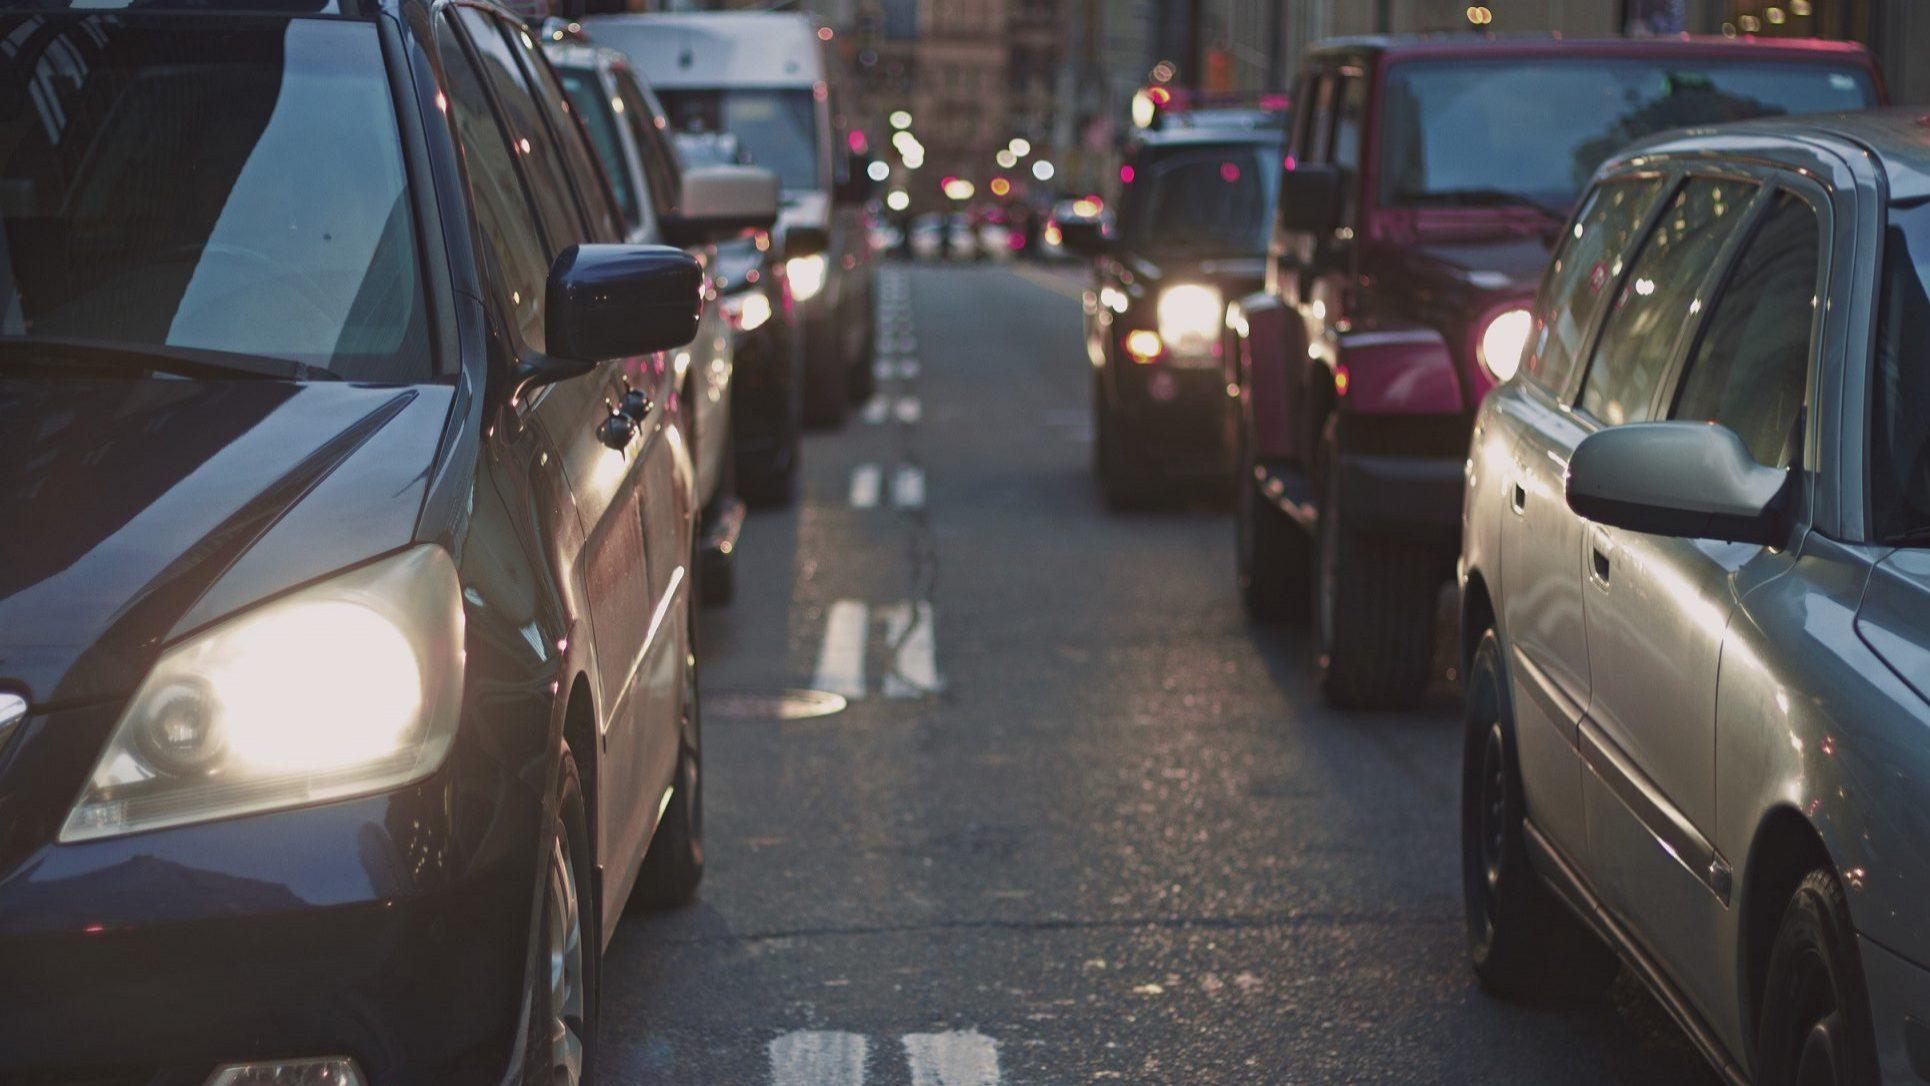 Financeiras deram 180 milhões de euros em crédito para compra de veículos